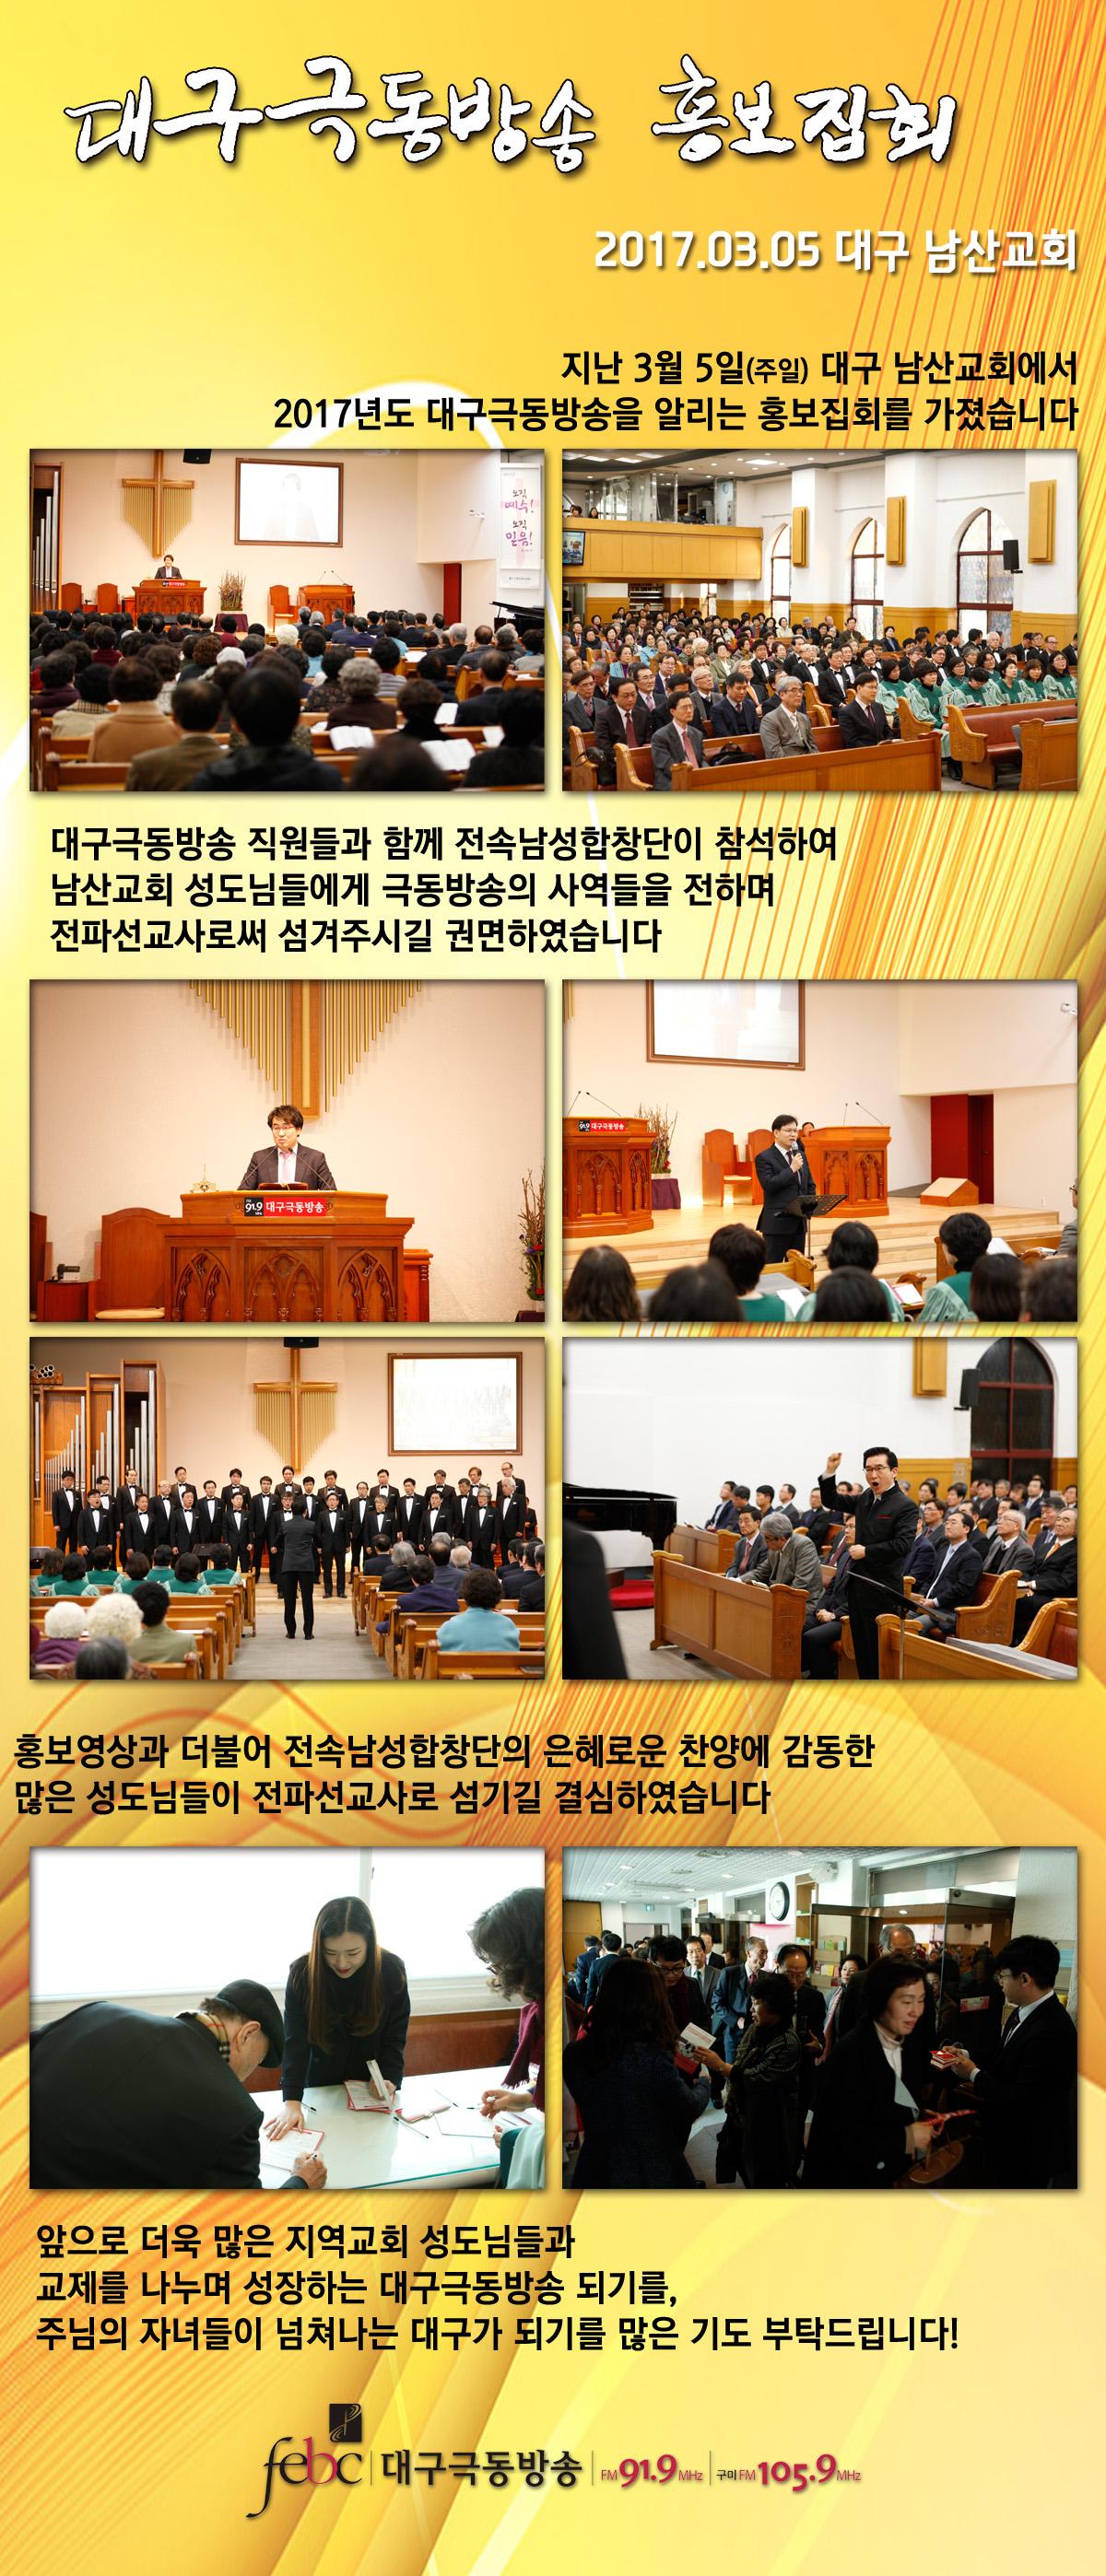 170305홍보집회기사(남산교회).jpg